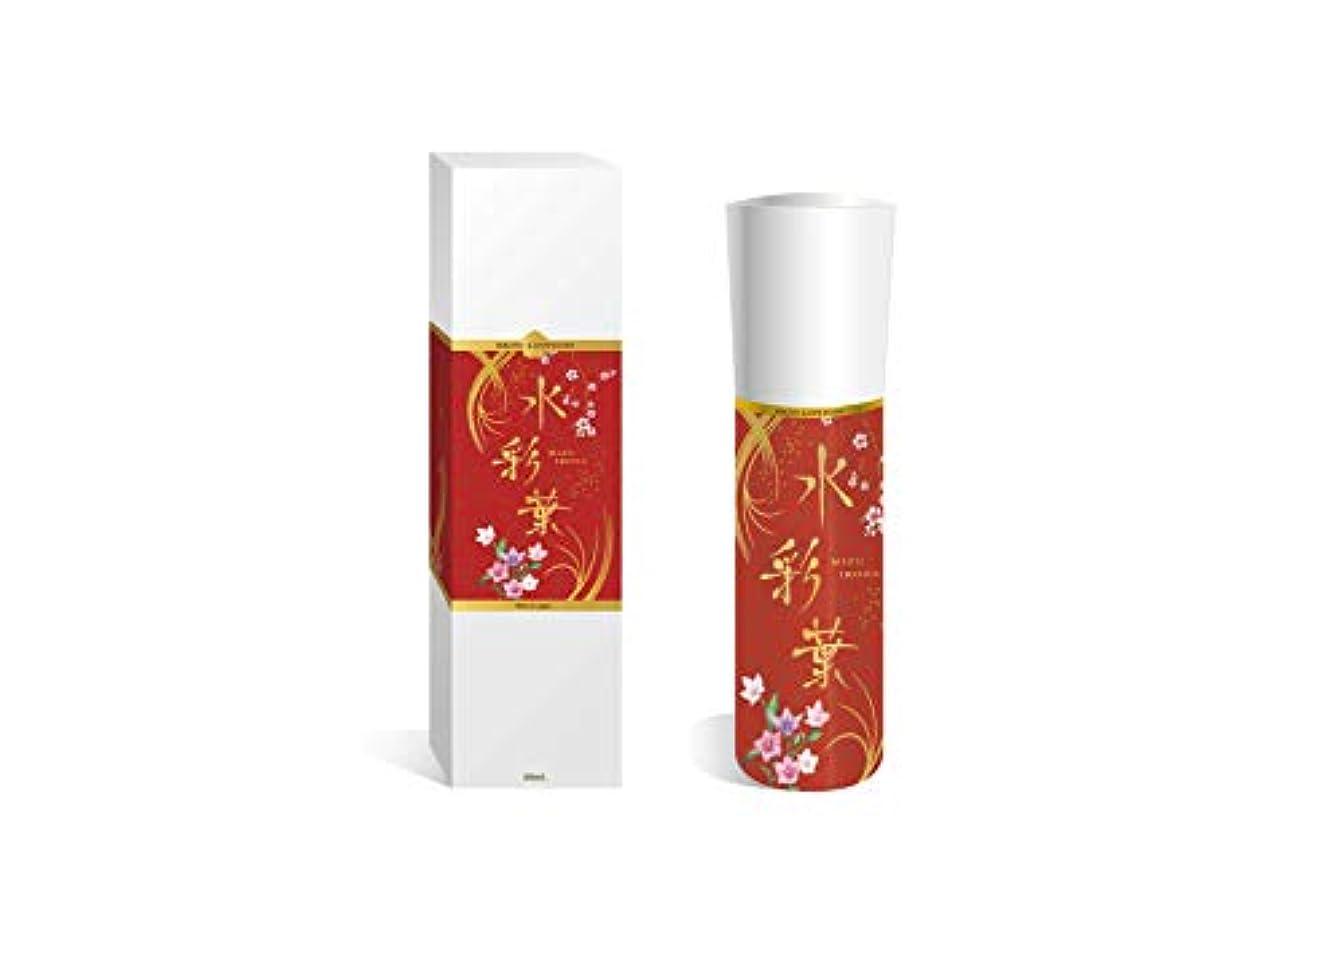 風味専門知識スプレー水彩葉 化粧水 (ボトル色:赤) 【 高保湿 防腐剤フリー トレハロース ヒアルロン酸 】